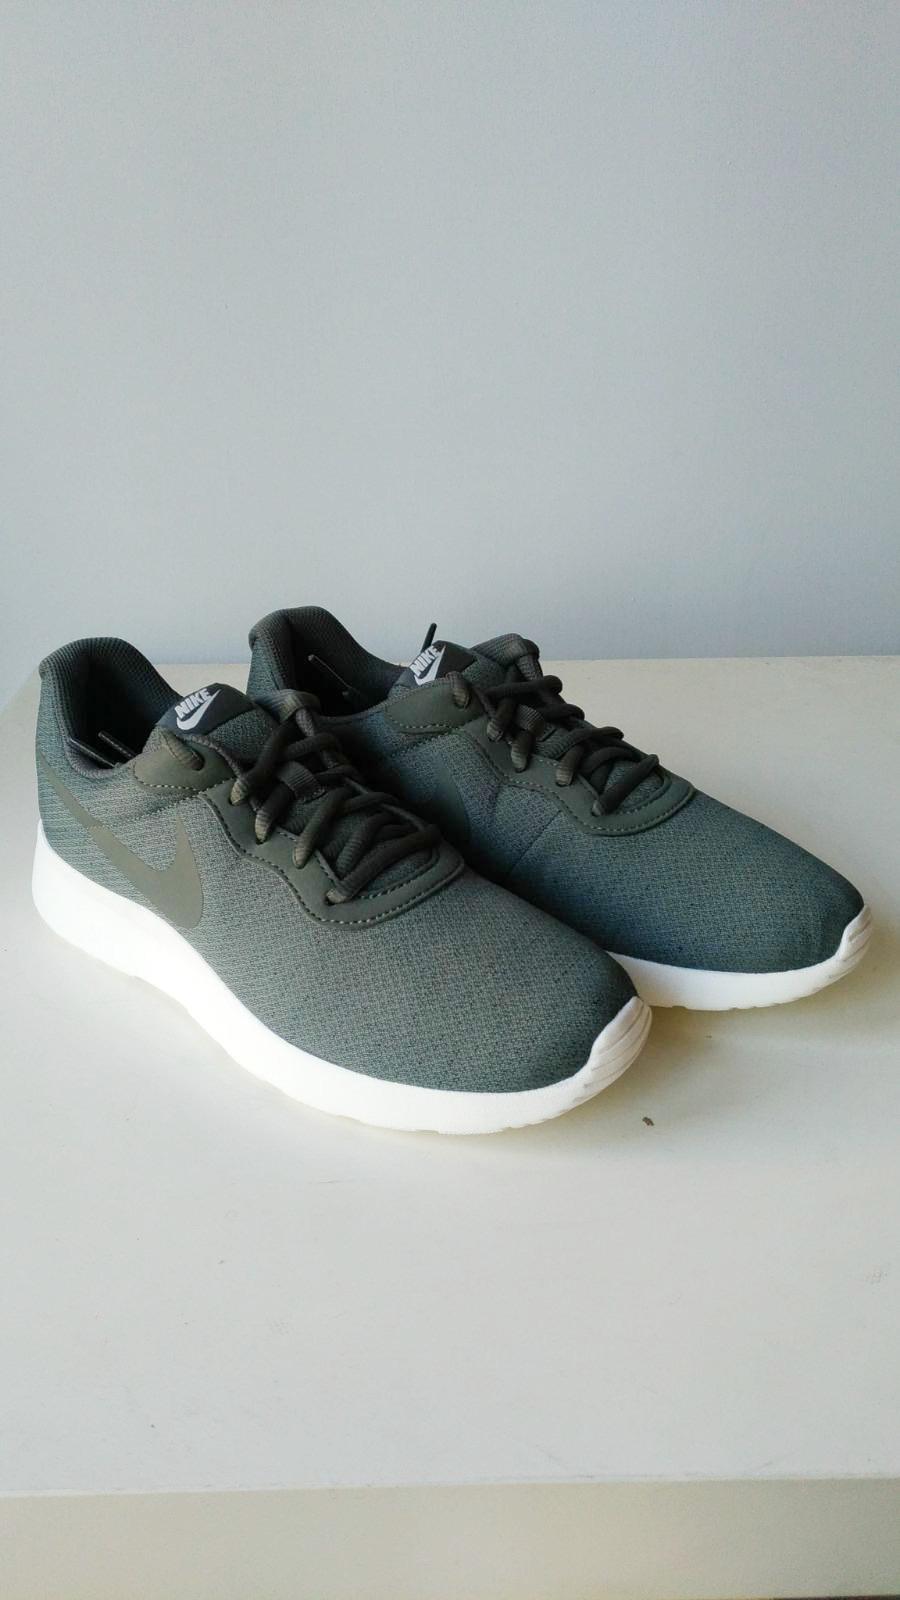 Scarpe Ginnastica Sneakers Originale Nike Tanjun Roshe Style Uomo ... 4c58b6ef6fb